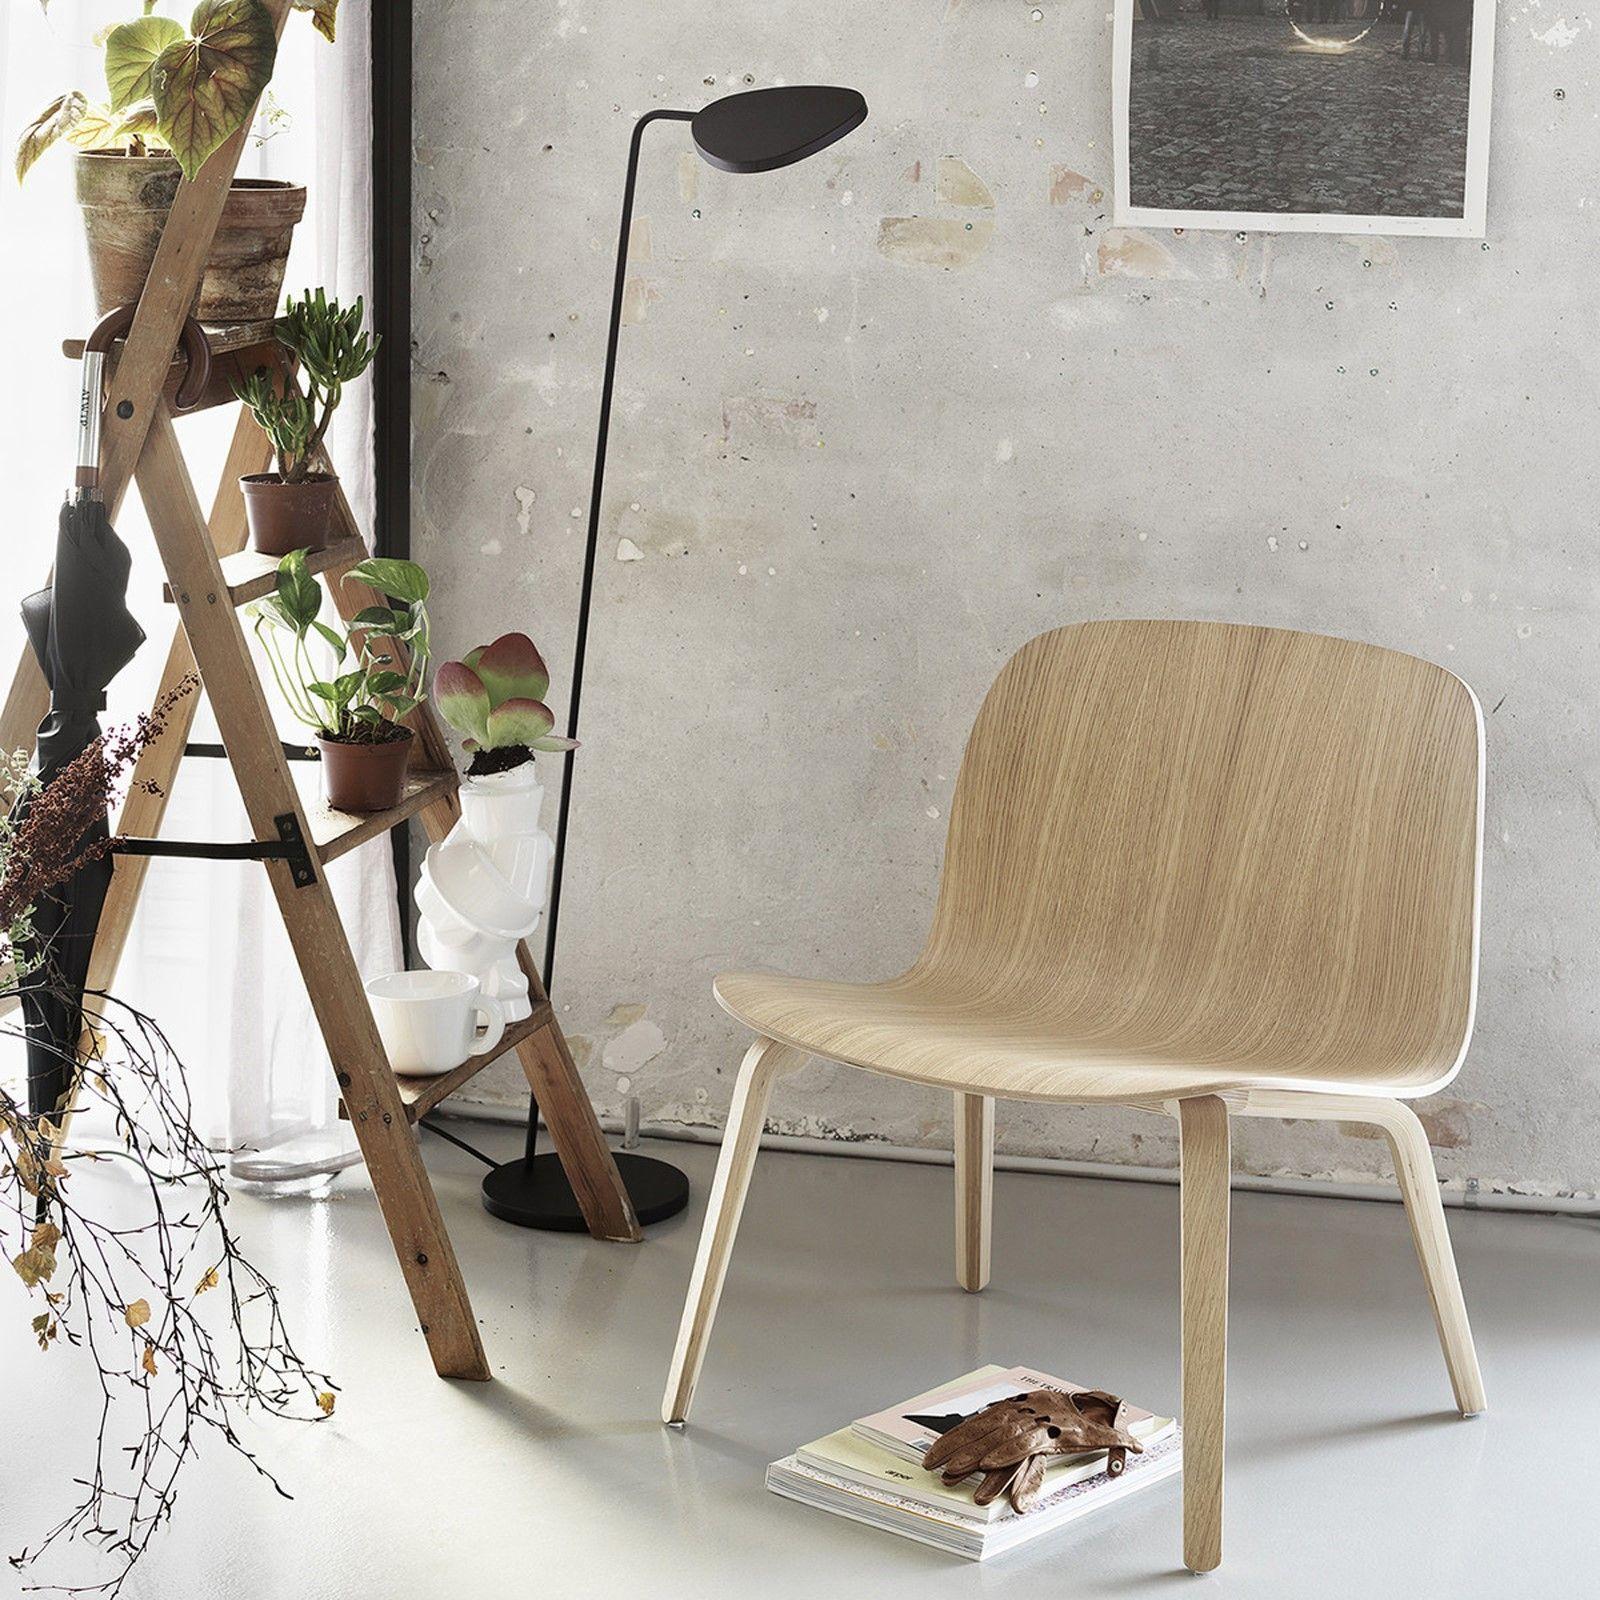 Visu Loungestoel Hout Muuto Loungestoel Woonideeen Meubel Ideeen